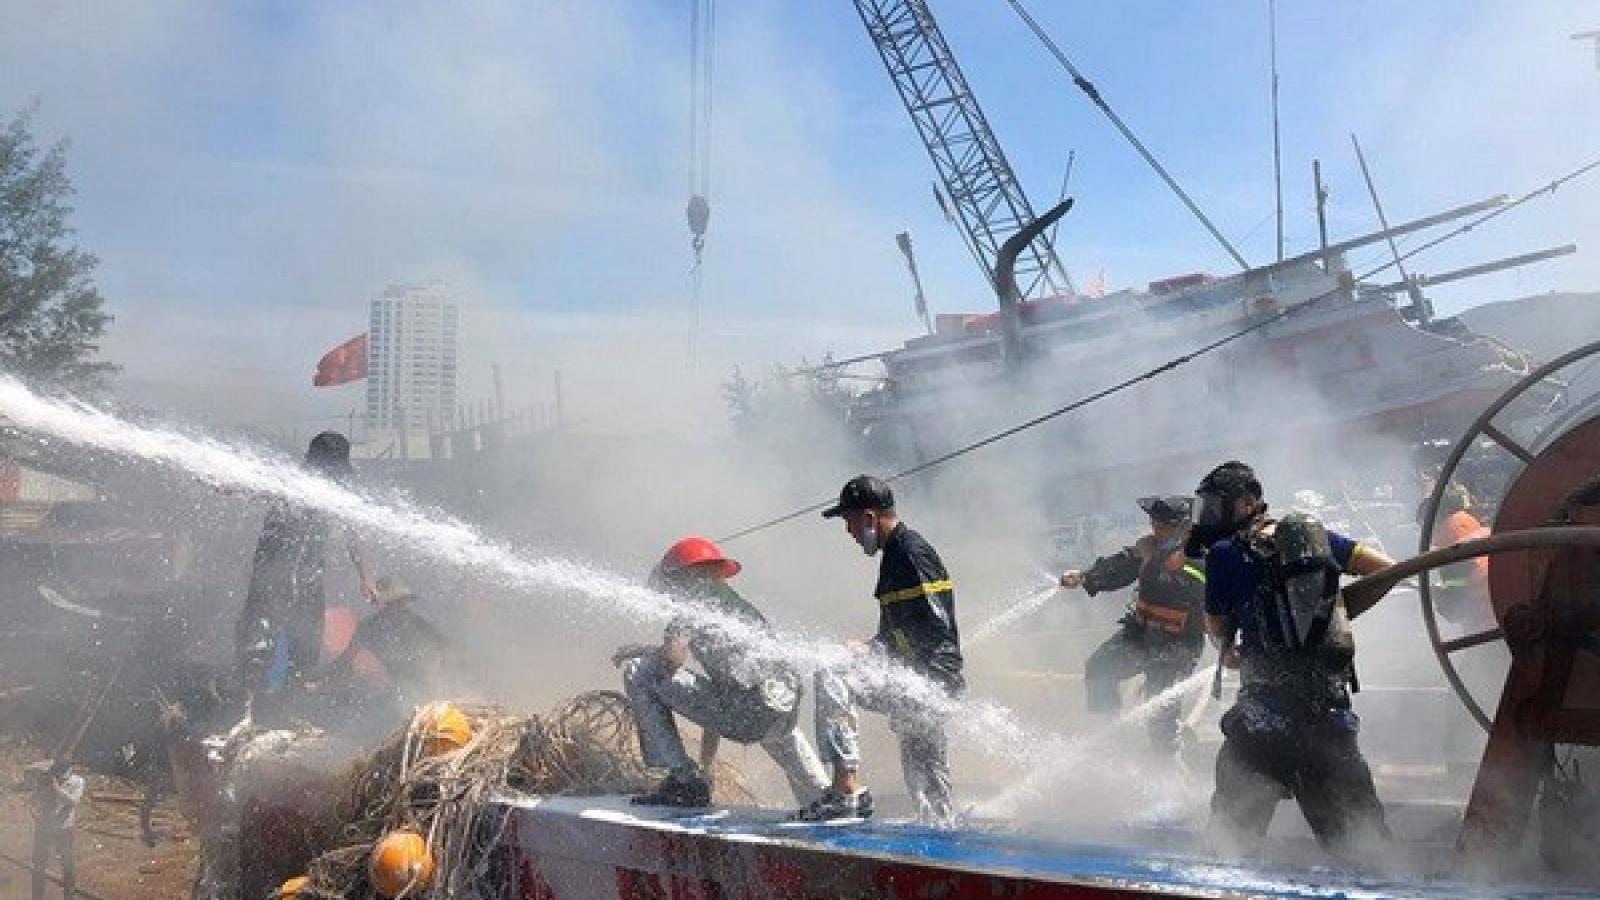 Tàu cá ở Đà Nẵng bốc cháy khi đang sửa chữa